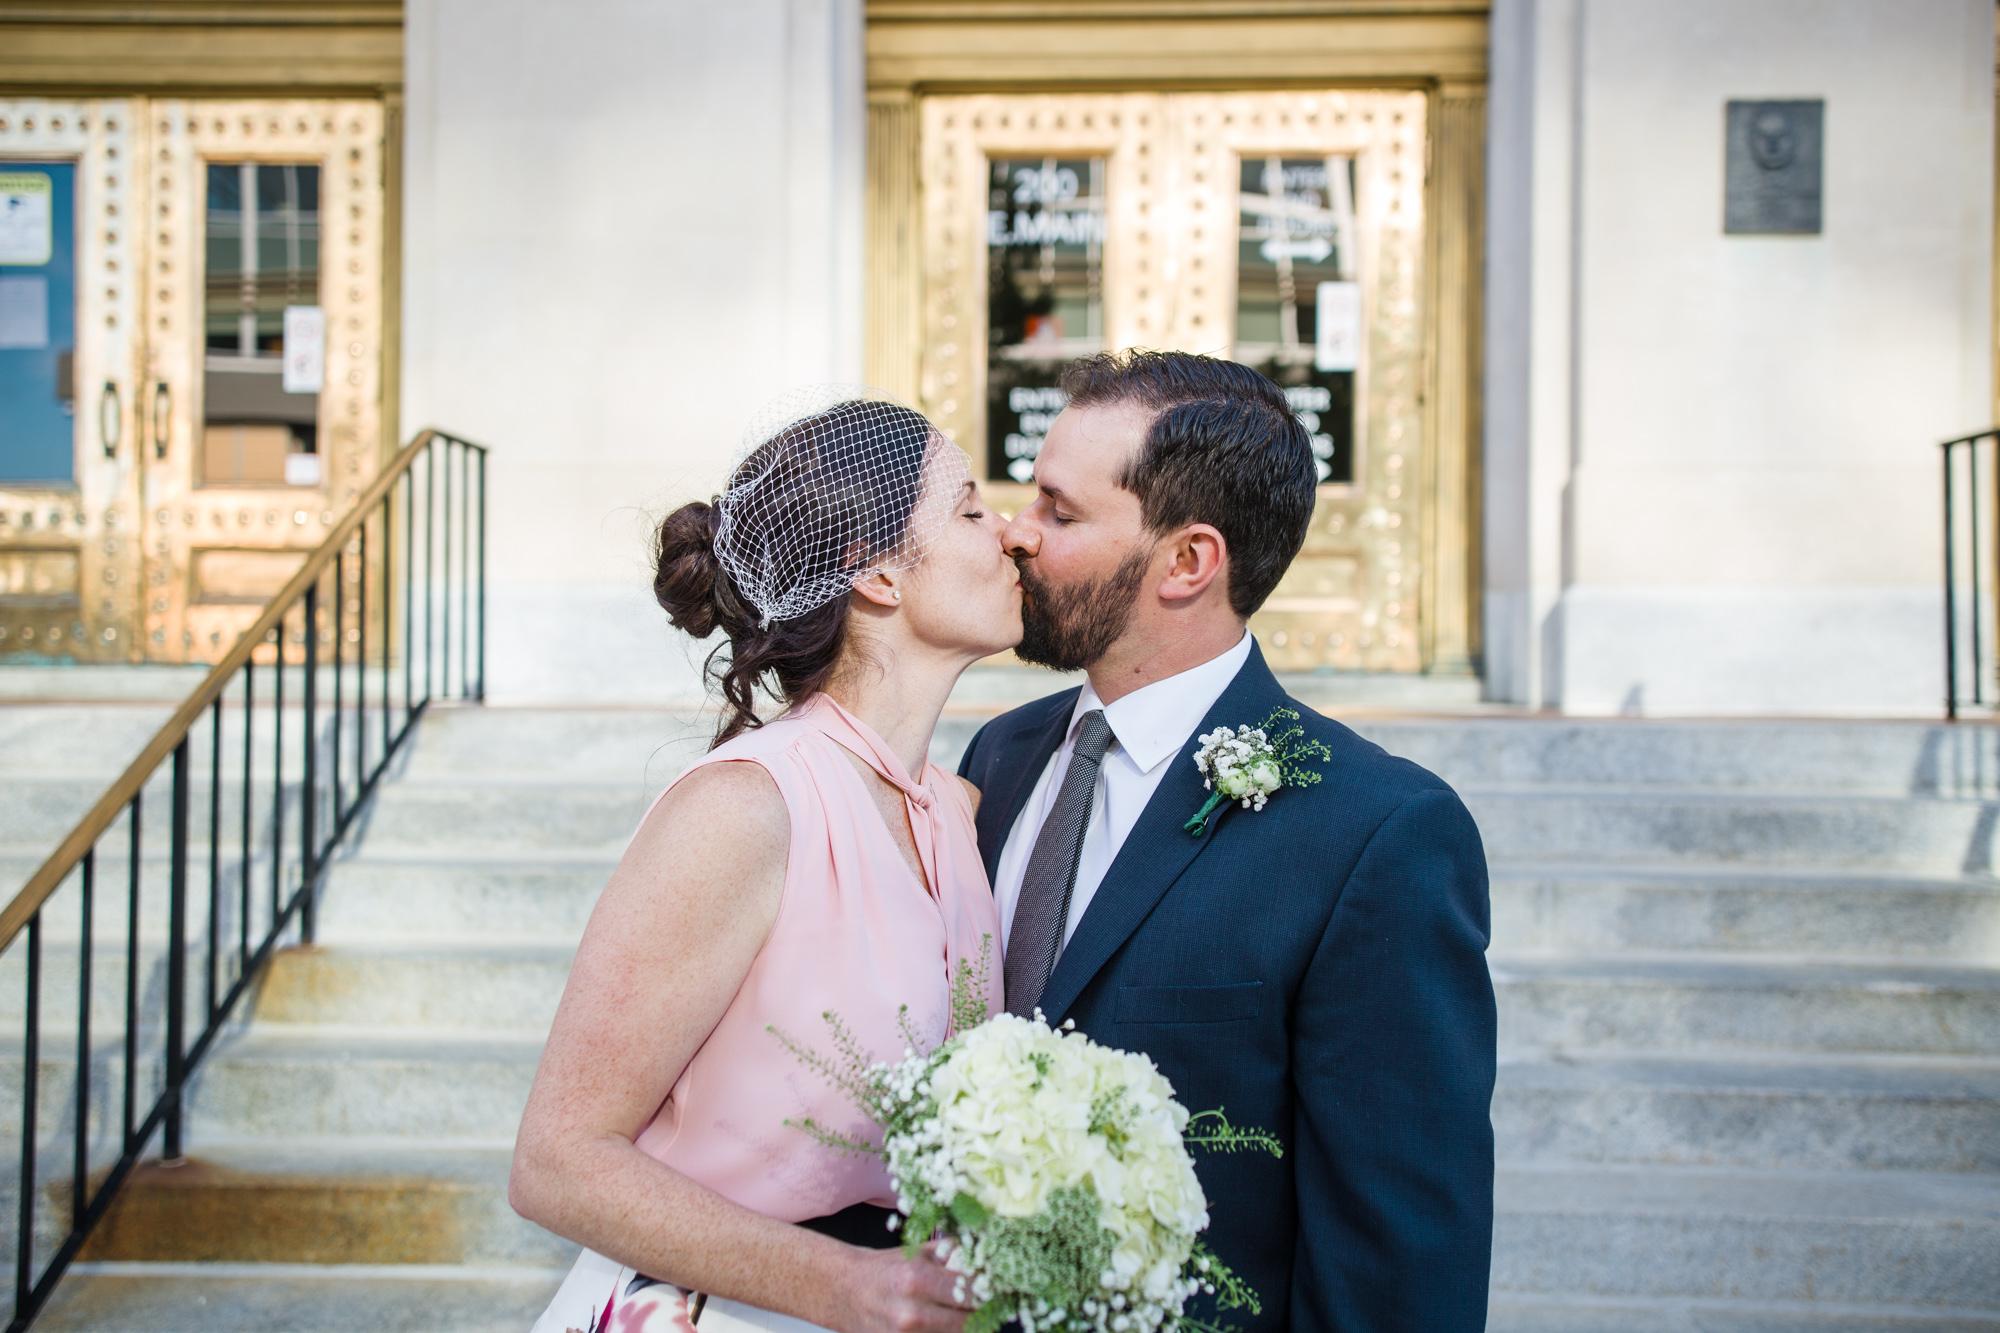 2018_10_17_mowita_drew_durham_courthouse_wedding-2887.jpg